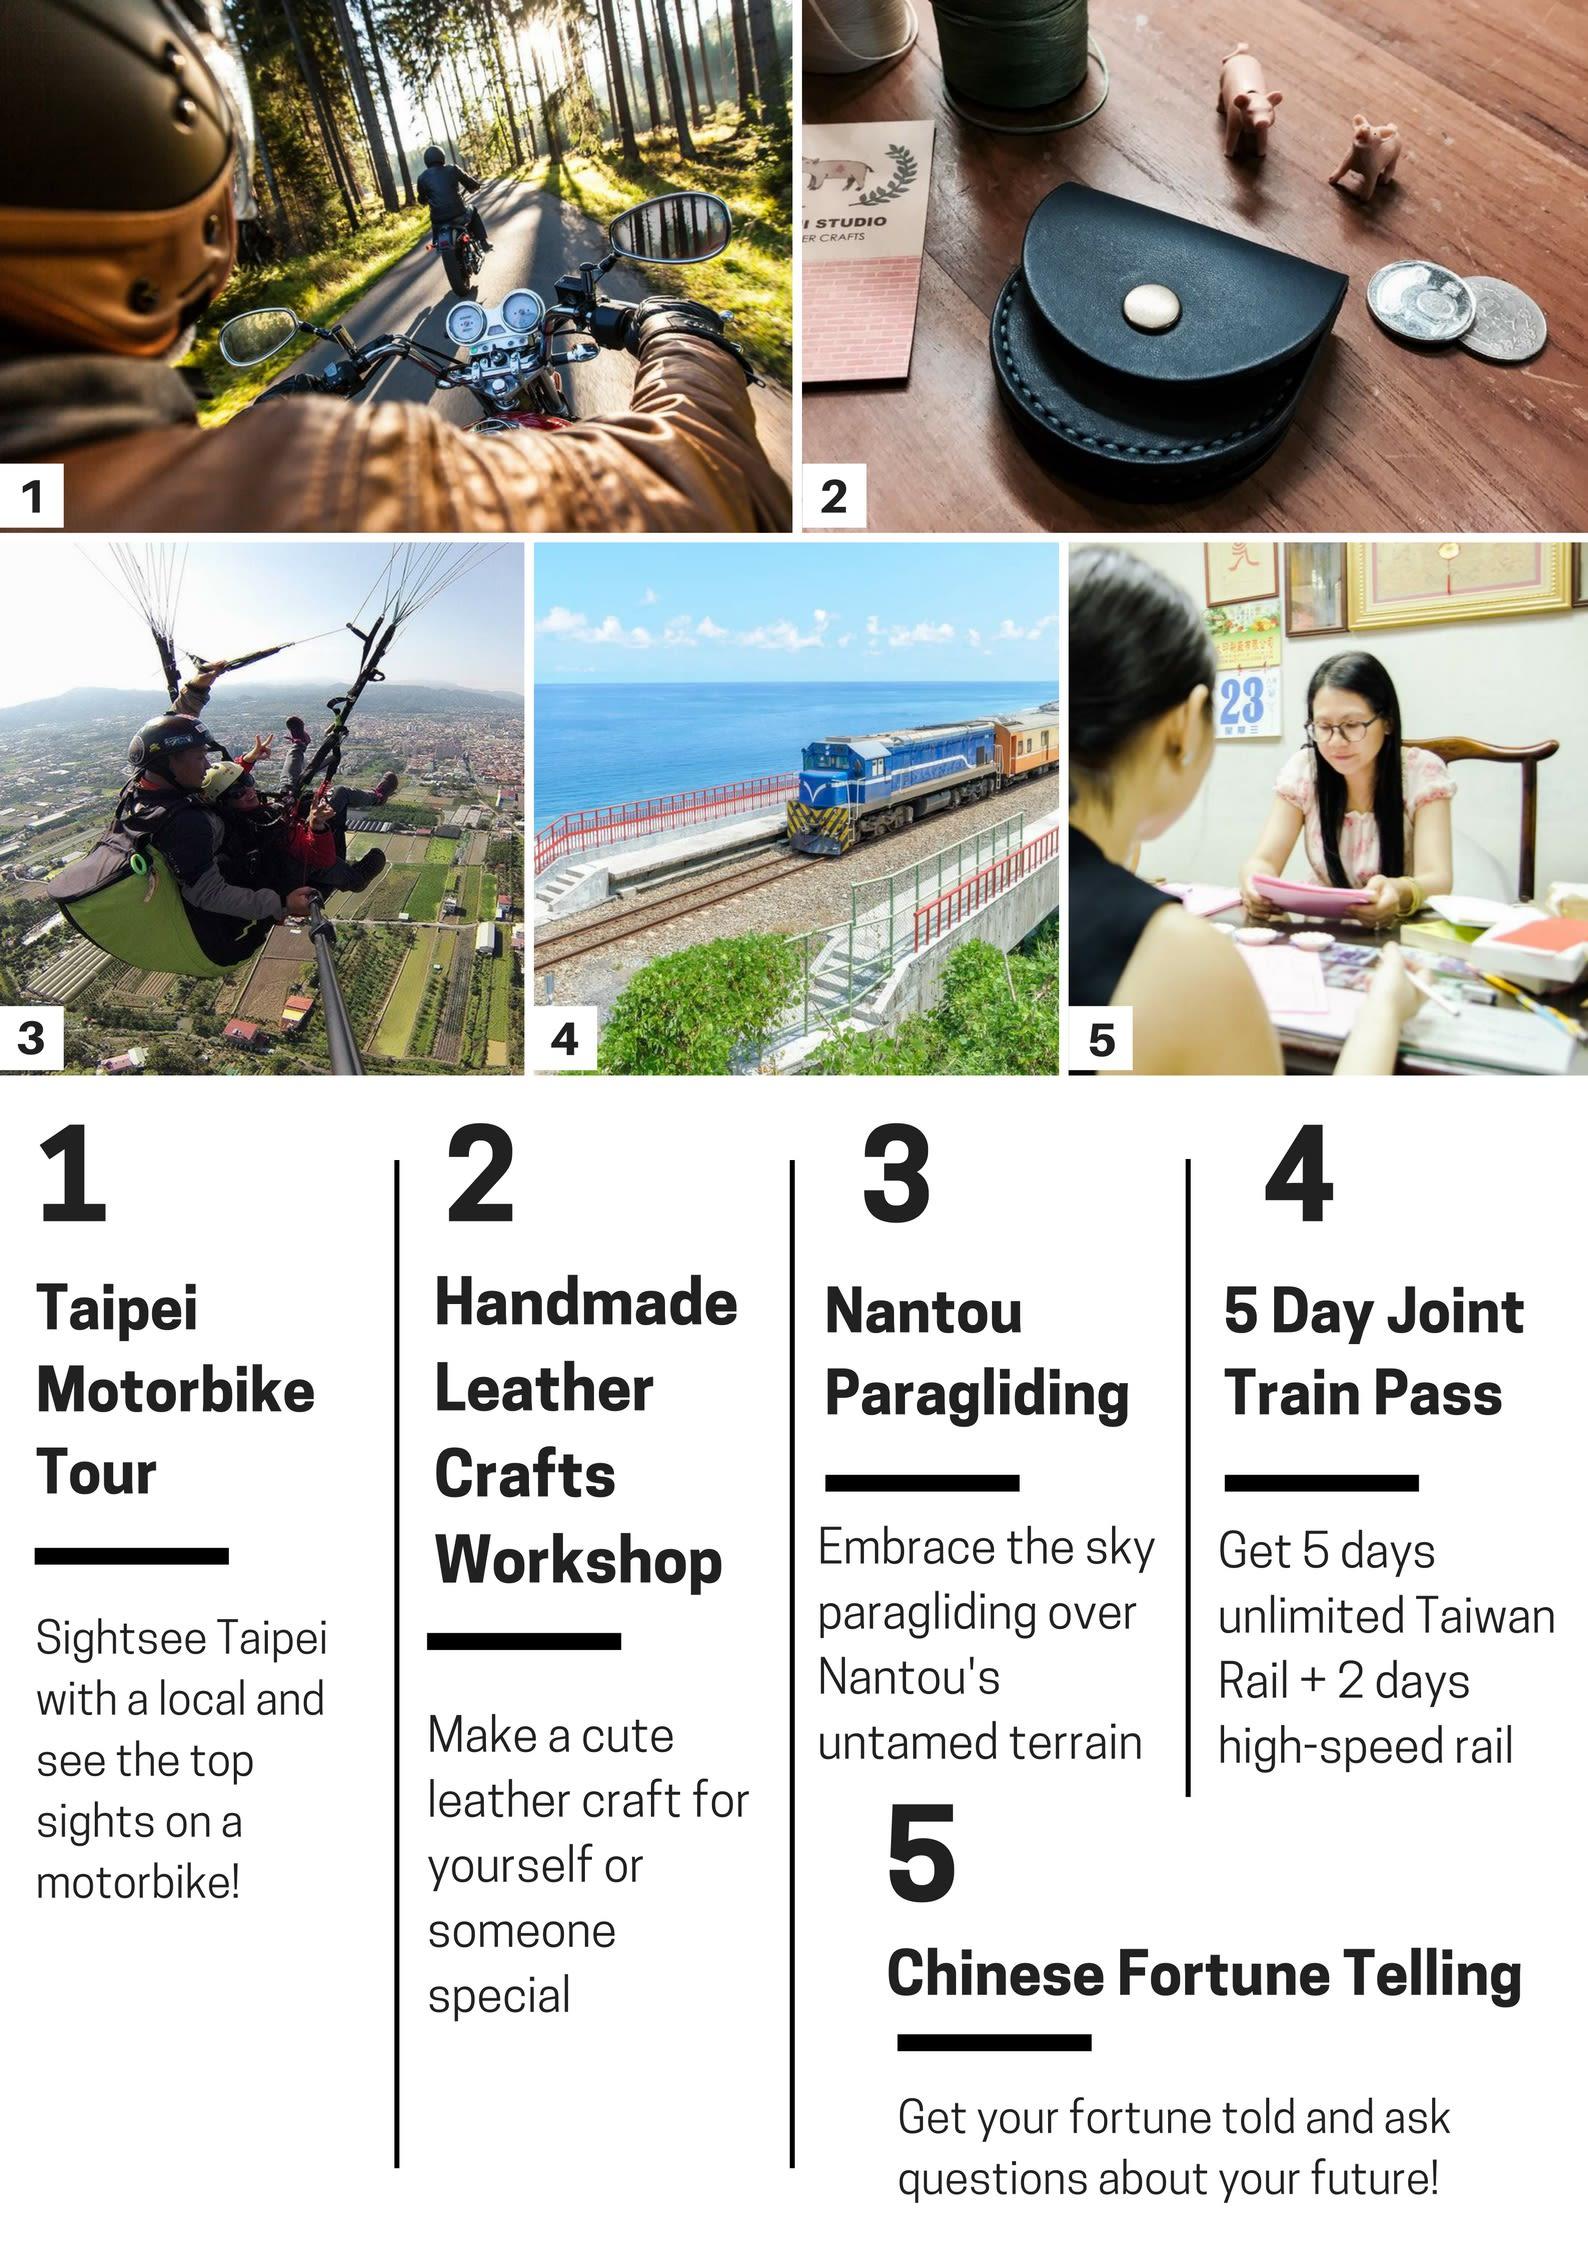 solo-travel-idea-taiwan